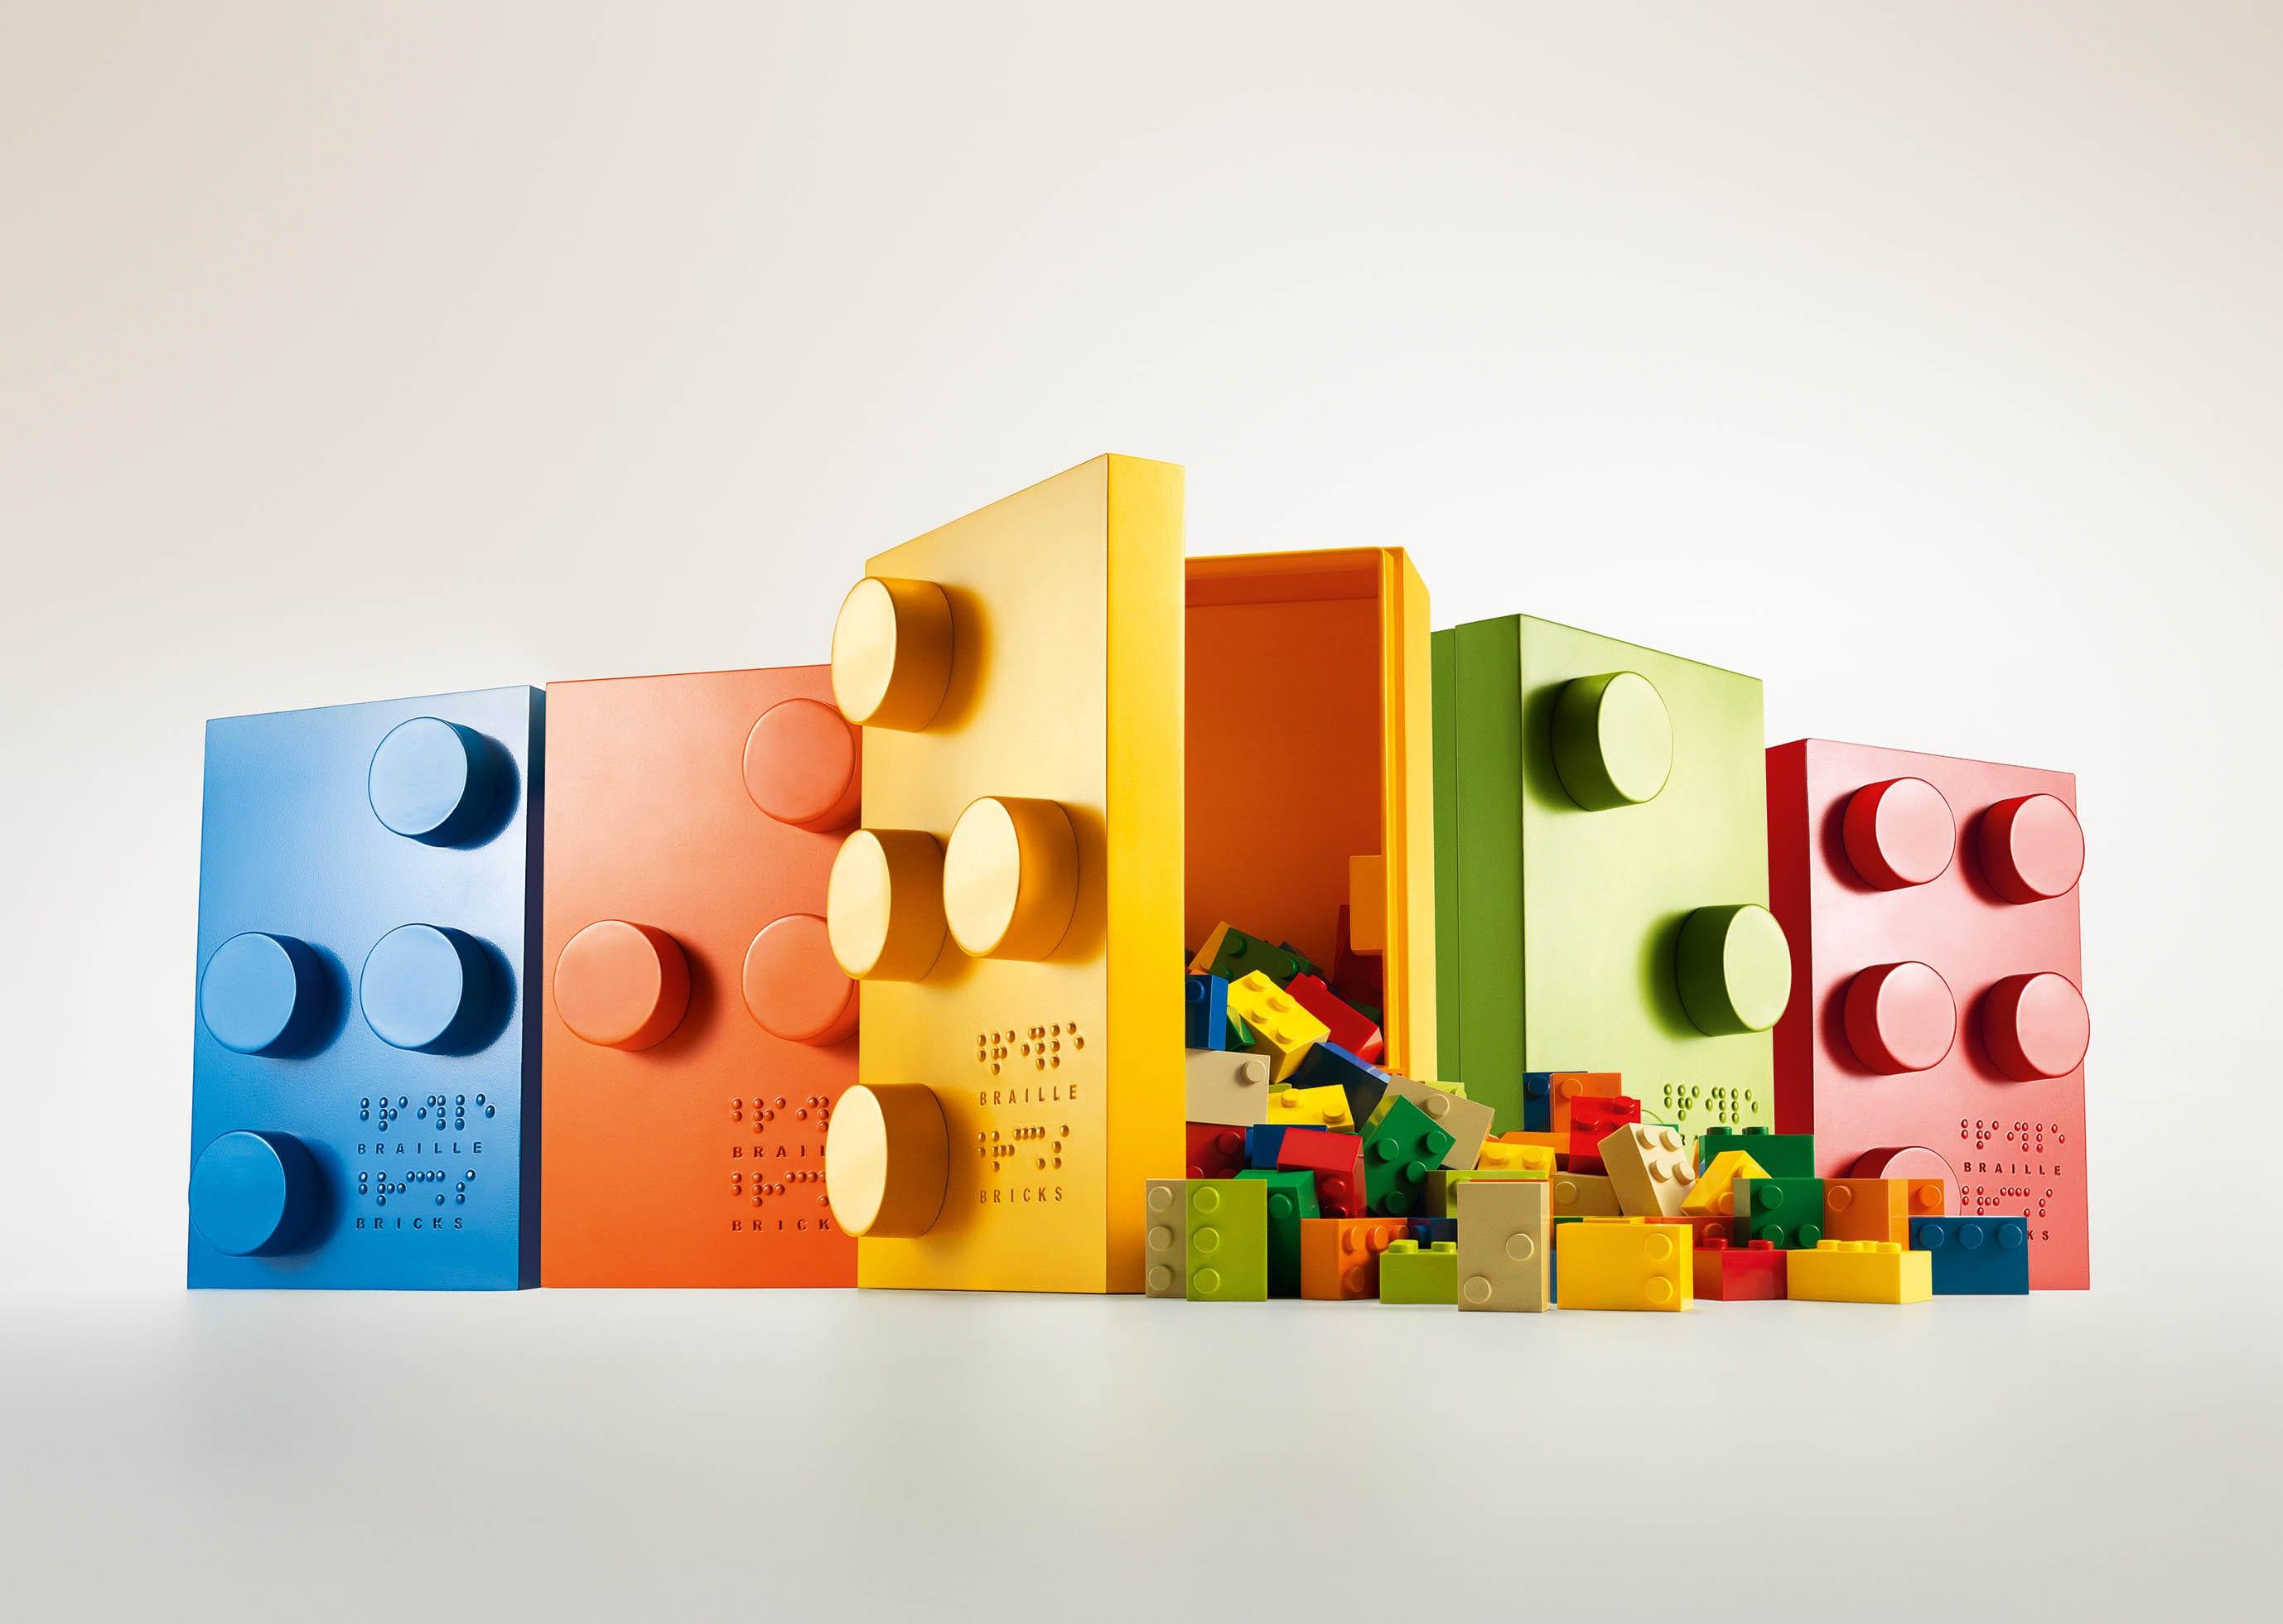 braille_bricks_comunicadores_1